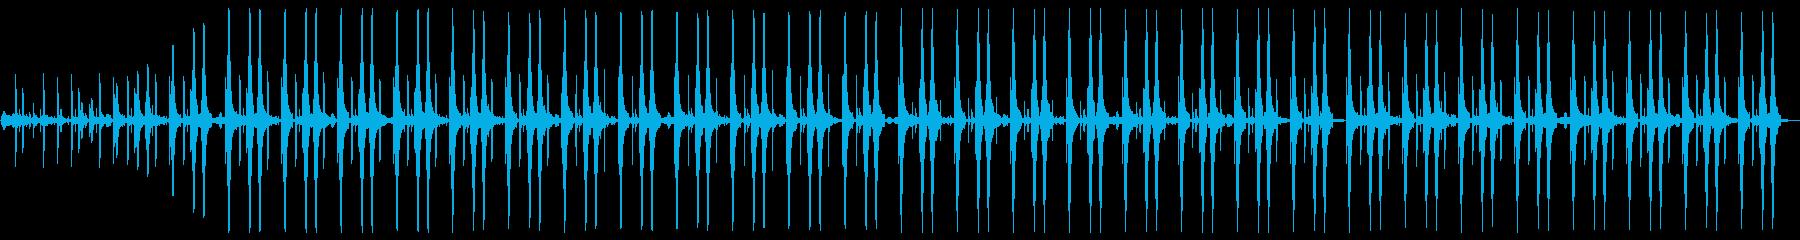 メロディーはありません。リズム曲です。の再生済みの波形